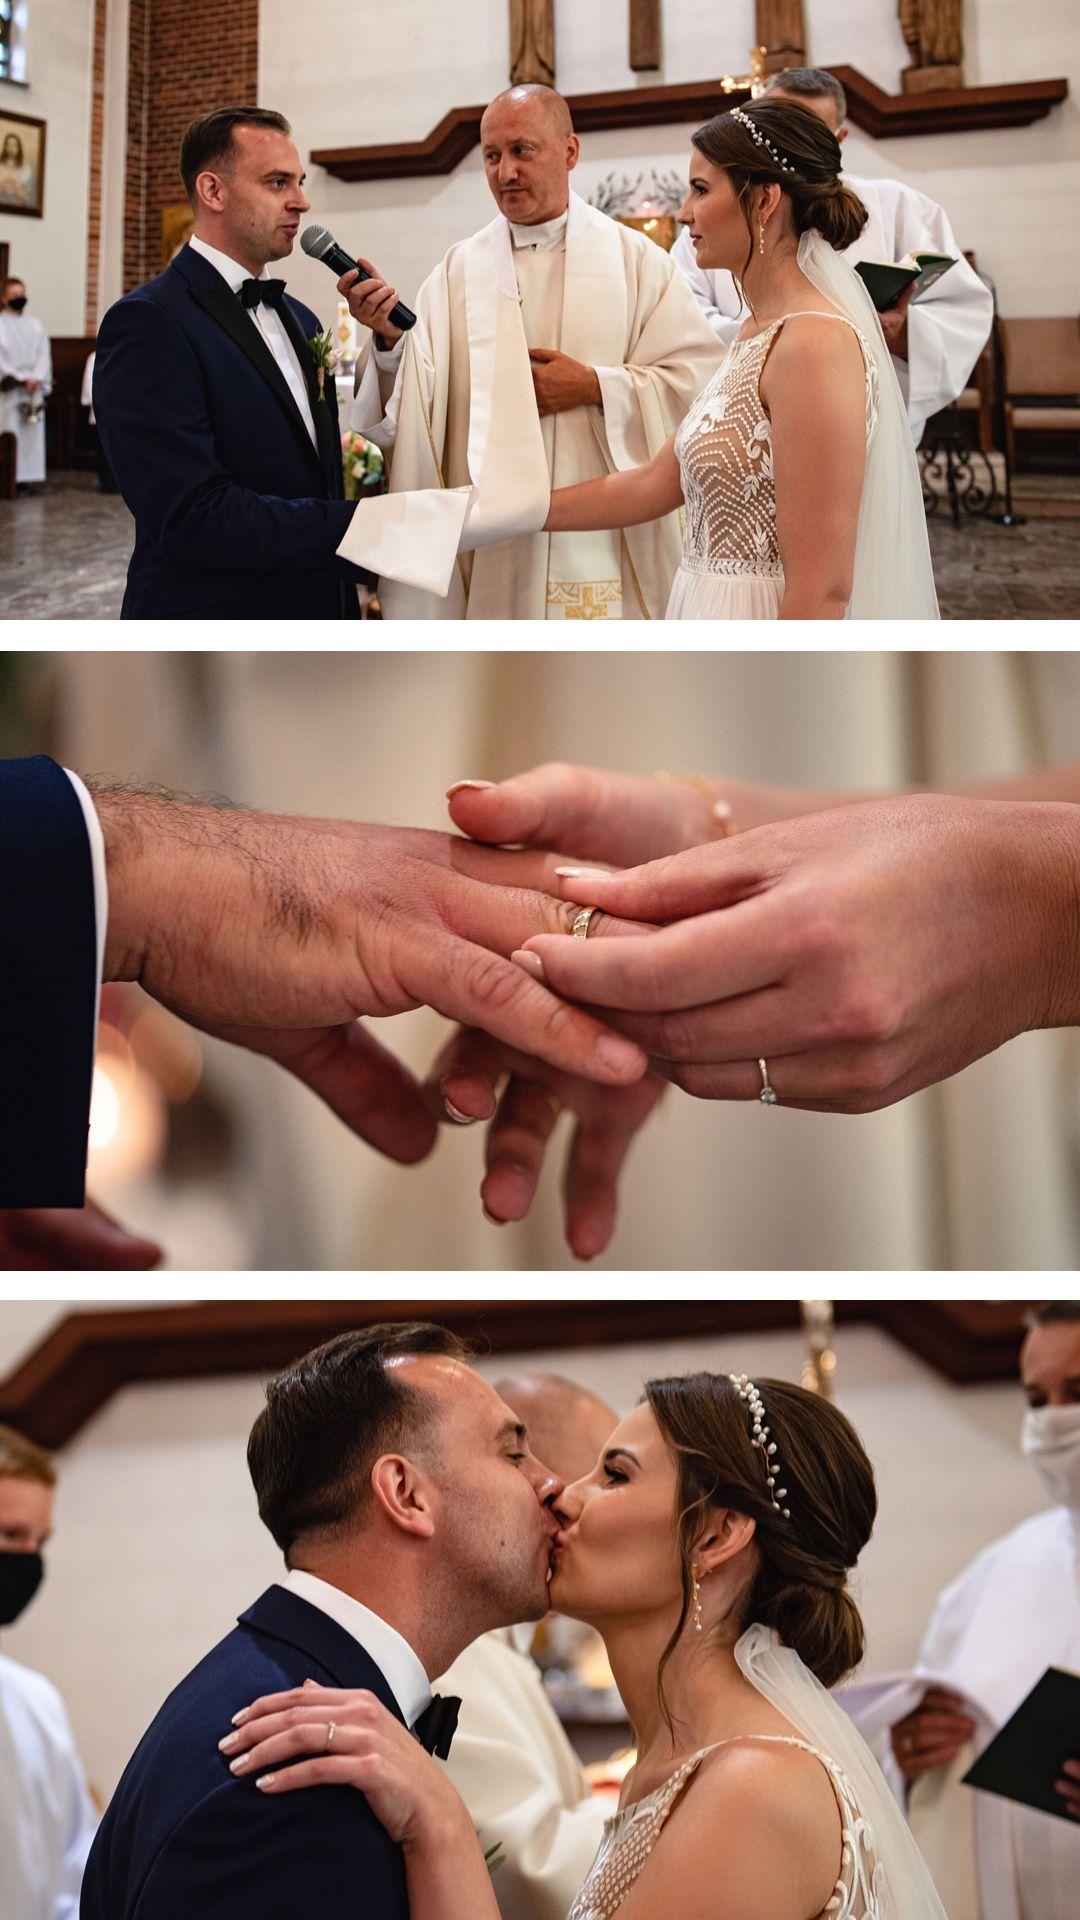 Św. Floriana Kolbudy, Ślub kościelny, przysięga kościelna, wzruszenie podczas przysięgi, say yes, zakładanie obrączek,